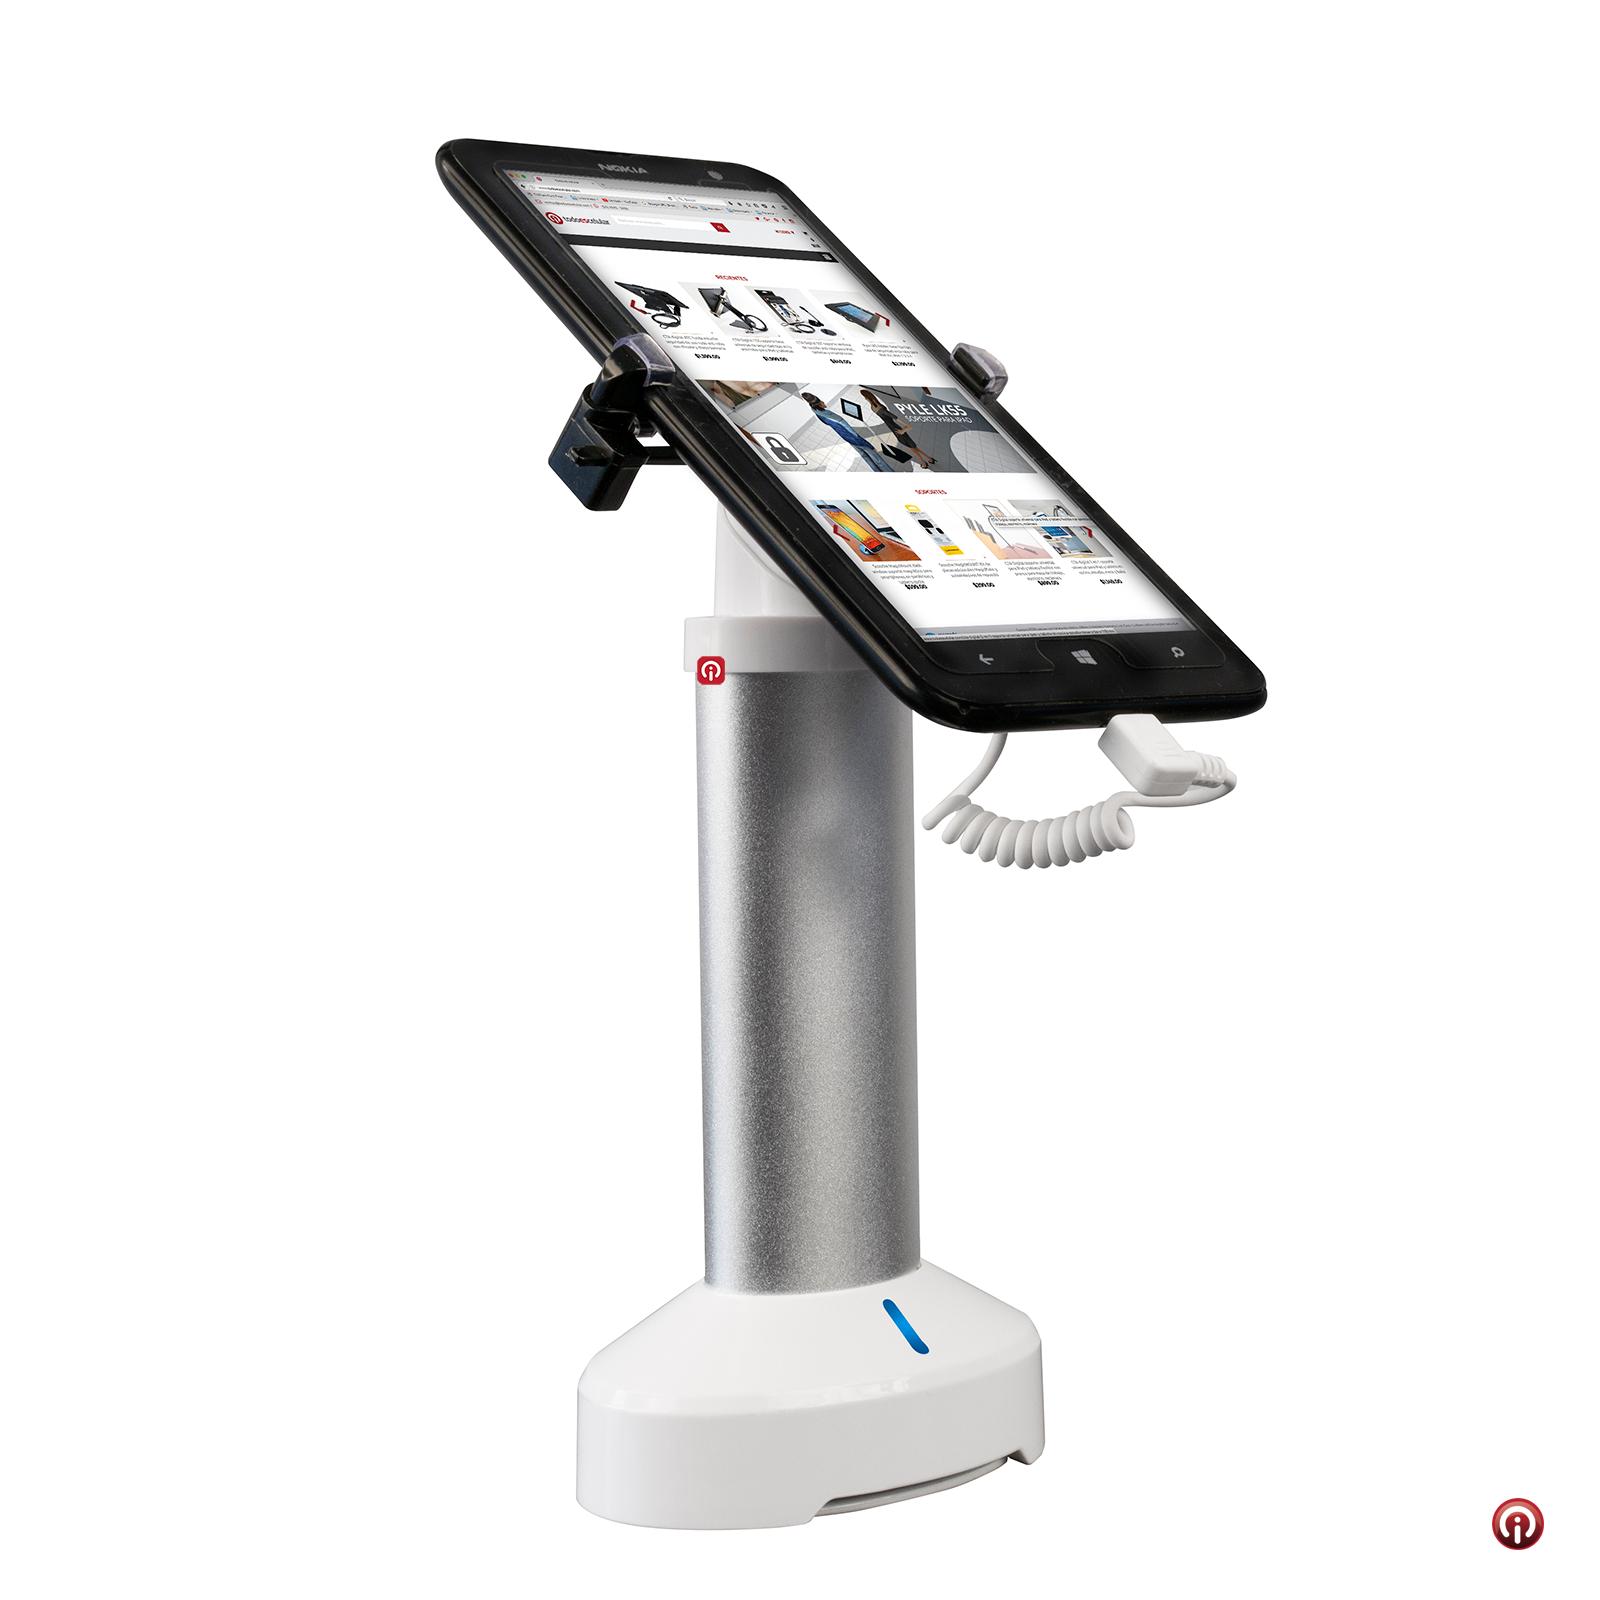 TSCPA680BG_04-smartphone-soporte-seguridad-alarma-pinzas-acero